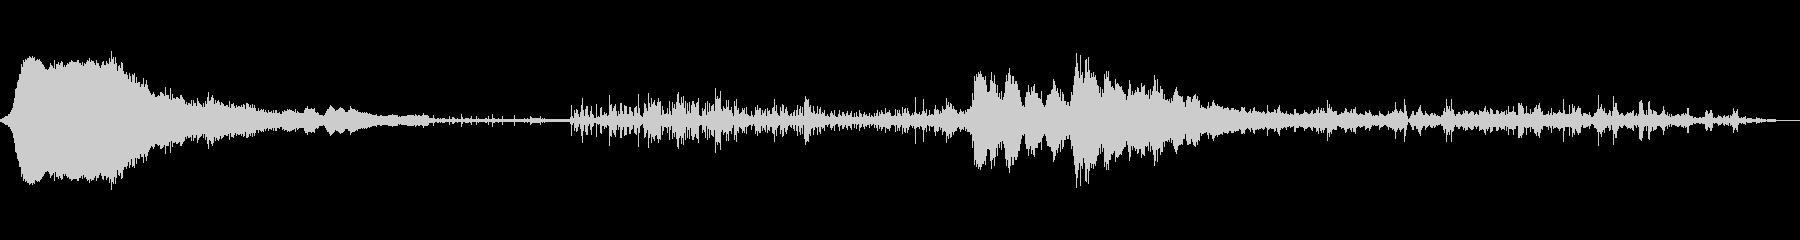 シフト状態ミュージカルパルサーの未再生の波形